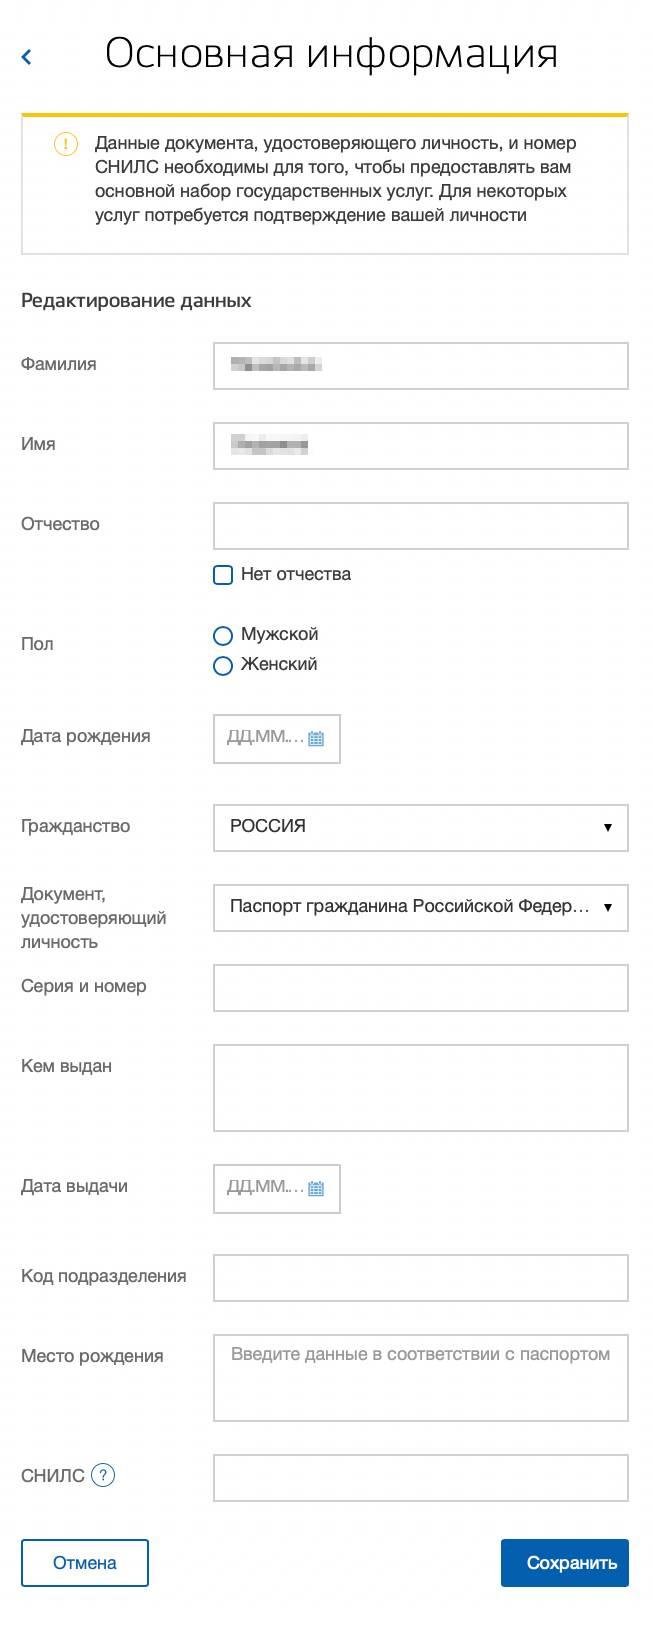 При регистрации упрощенной учетной записи пользователя просят заполнить данные паспорта и указать СНИЛС